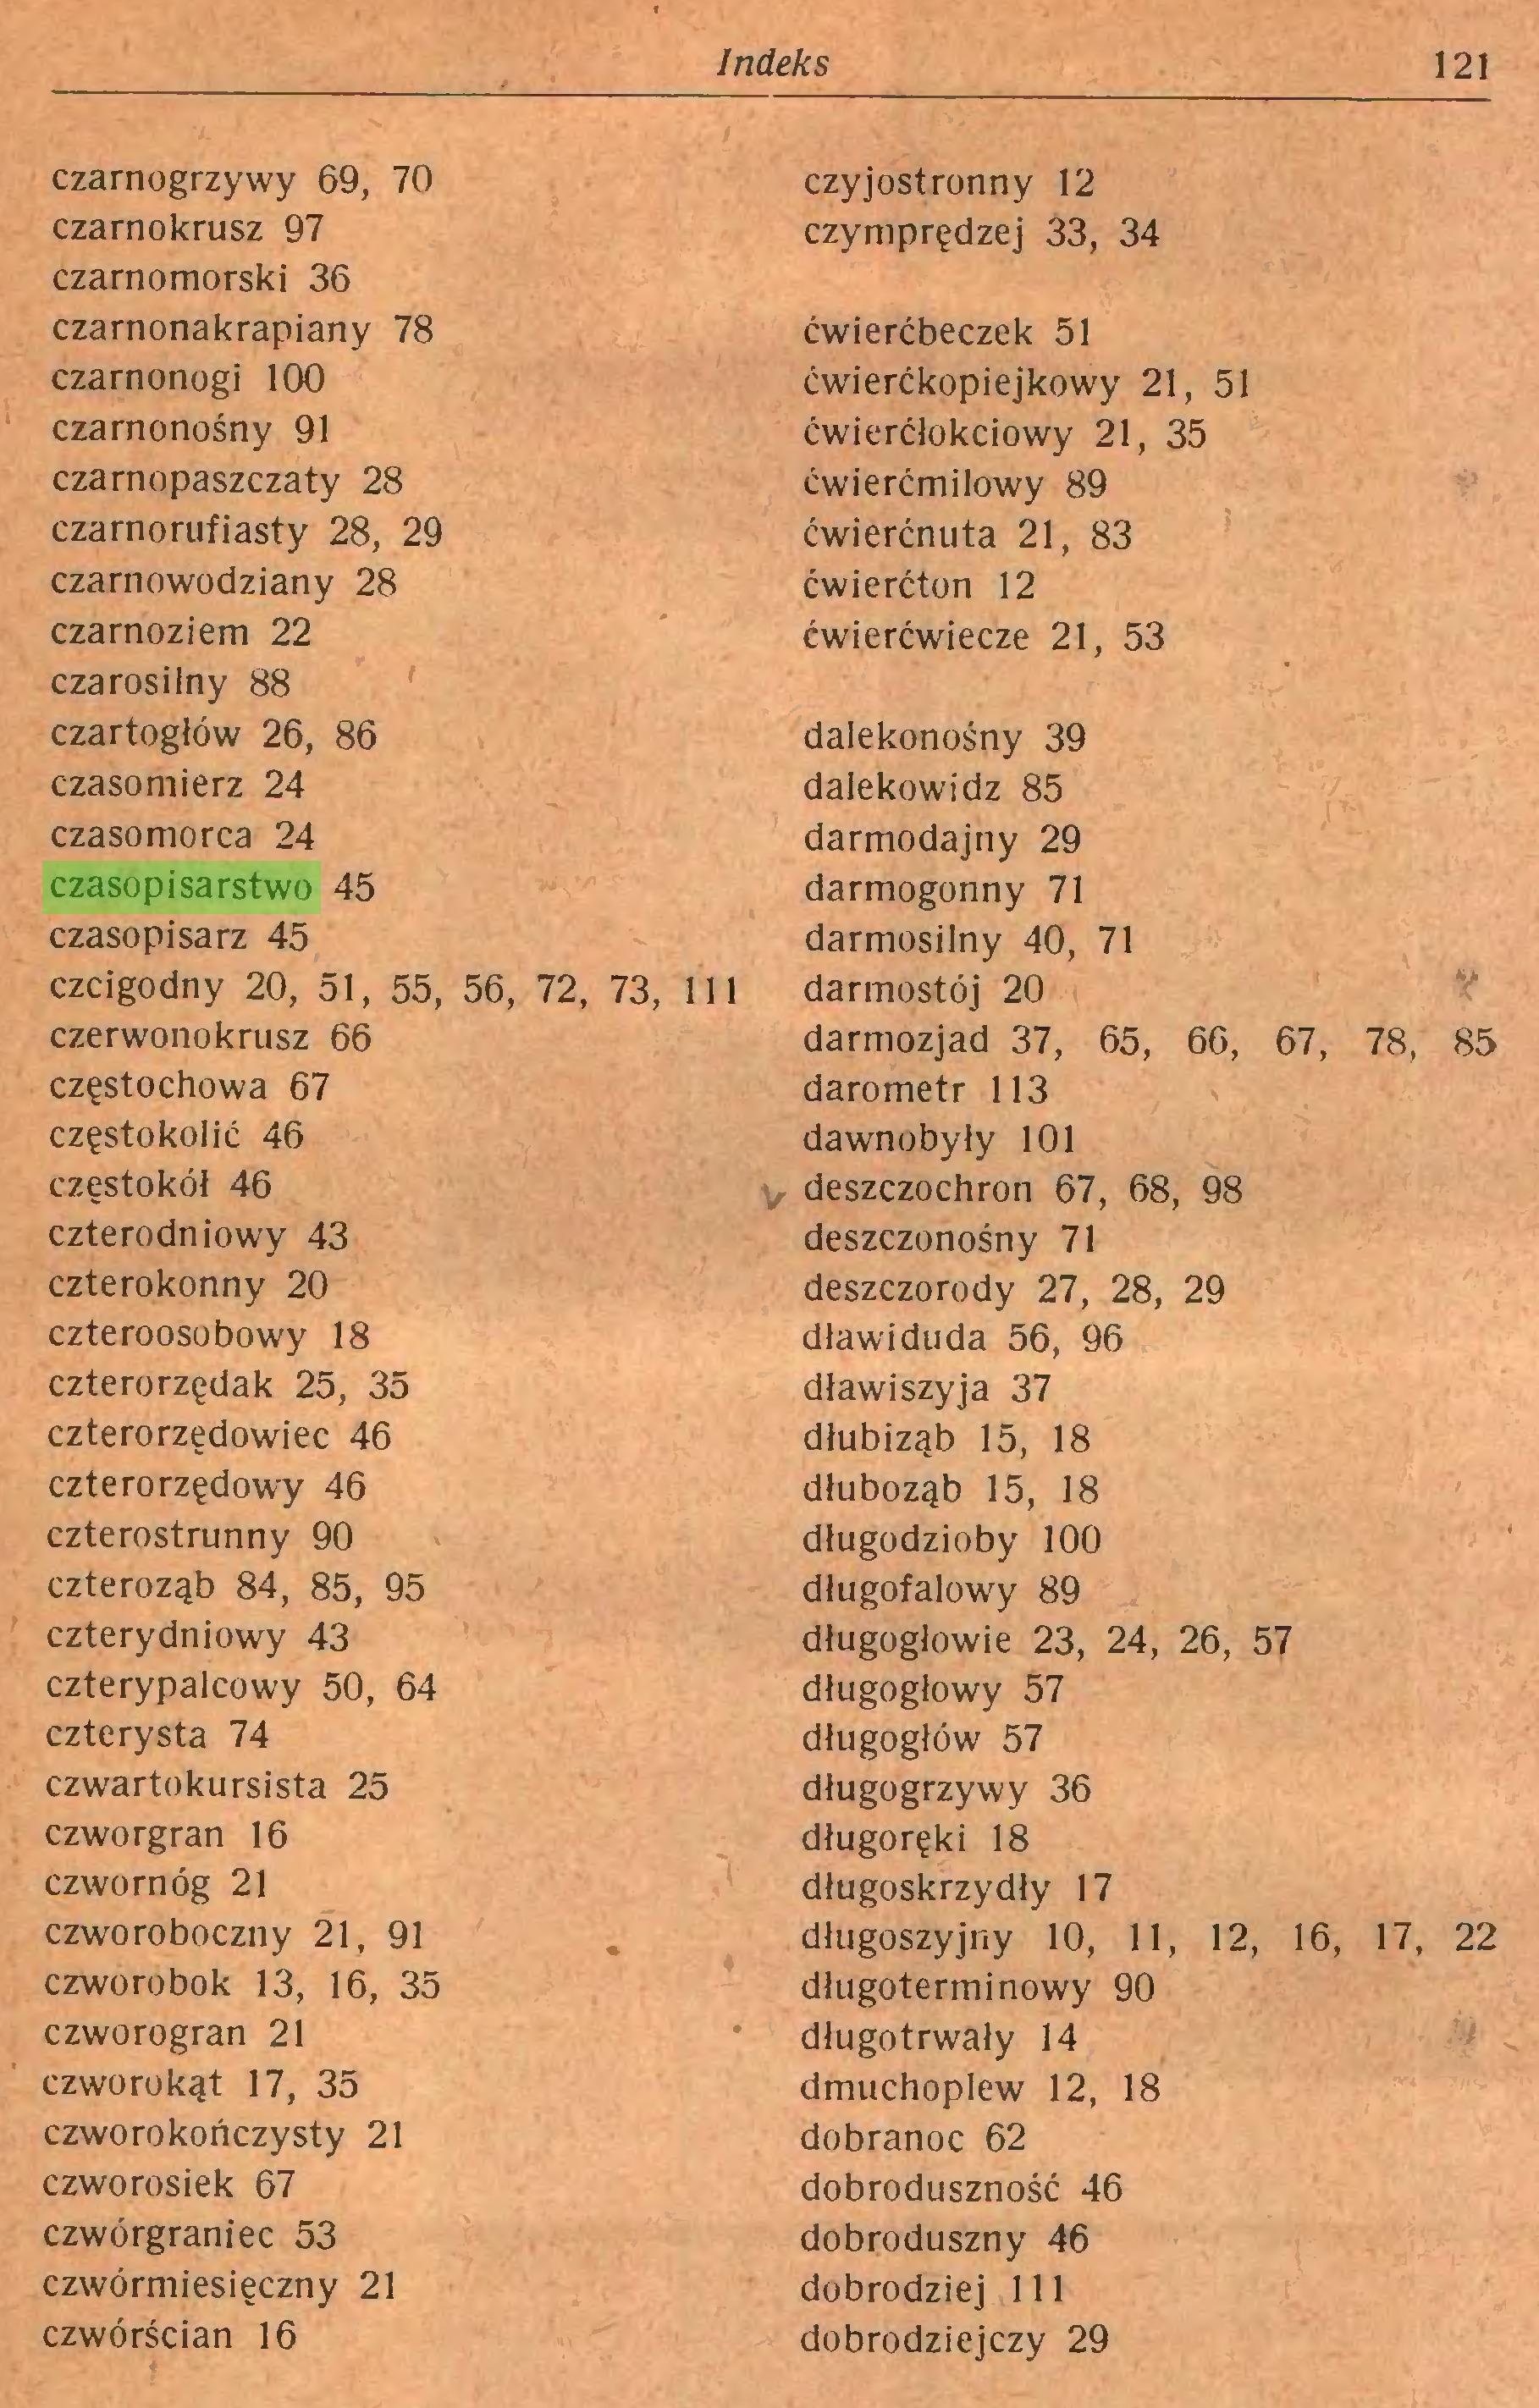 (...) Indeks 121 czarnogrzywy 69, 70 czarnokrusz 97 czarnomorski 36 czarnonakrapiany 78 czarnonogi 100 czarnonośny 91 czarnopaszczaty 28 czarnorufiasty 28, 29 czarnowodziany 28 czarnoziem 22 czarosilny 88 czartogłów 26, 86 czasomierz 24 czasomorca 24 czasopisarstwo 45 czasopisarz 45 czcigodny 20, 51, 55, 56, 72, 73, 111 czerwonokrusz 66 Częstochowa 67 częstokolić 46 częstokół 46 czterodniowy 43 czterokonny 20 czteroosobowy 18 czterorzędak 25, 35 czterorzędowiec 46 czterorzędowy 46 czterostrunny 90 czteroząb 84, 85, 95 czterydniowy 43 czterypalcowy 50, 64 czterysta 74 czwartokursista 25 czworgran 16 czwornóg 21 czworoboczny 21, 91 czworobok 13, 16, 35 czworogran 21 czworokąt 17, 35 czworokończysty 21 czworosiek 67 czwórgraniec 53 czwórmiesięczny 21 czwórścian 16 czyjostronny 12 czymprędzej 33, 34 ćwierćbeczek 51 ćwierćkopiejkowy 21, 51 ćwierćłokciowy 21, 35 ćwierćmilowy 89 ćwierćnuta 21, 83 ćwierćton 12 ćwierćwiecze 21, 53 dalekonośny 39 dalekowidz 85 darmodajny 29 darmogonny 71 darmosilny 40, 71 darmostój 20 darmozjad 37, 65, 66, 67, 78, 85 darometr 113 dawno były 101 deszczochron 67, 68, 98 deszczonośny 71 deszczorody 27, 28, 29 dławiduda 56, 96 dławi szyj a 37 dłubiząb 15, 18 dłuboząb 15, 18 długodzioby 100 długofalowy 89 długogłowie 23, 24, 26, 57 długogłowy 57 długogłów 57 długogrzywy 36 długoręki 18 długoskrzydły 17 długoszyjny 10, 11, 12, 16, 17, 22 długoterminowy 90 długotrwały 14 dmuchoplew 12, 18 dobranoc 62 dobroduszność 46 dobroduszny 46 dobrodziej 111 dobrodziejczy 29...